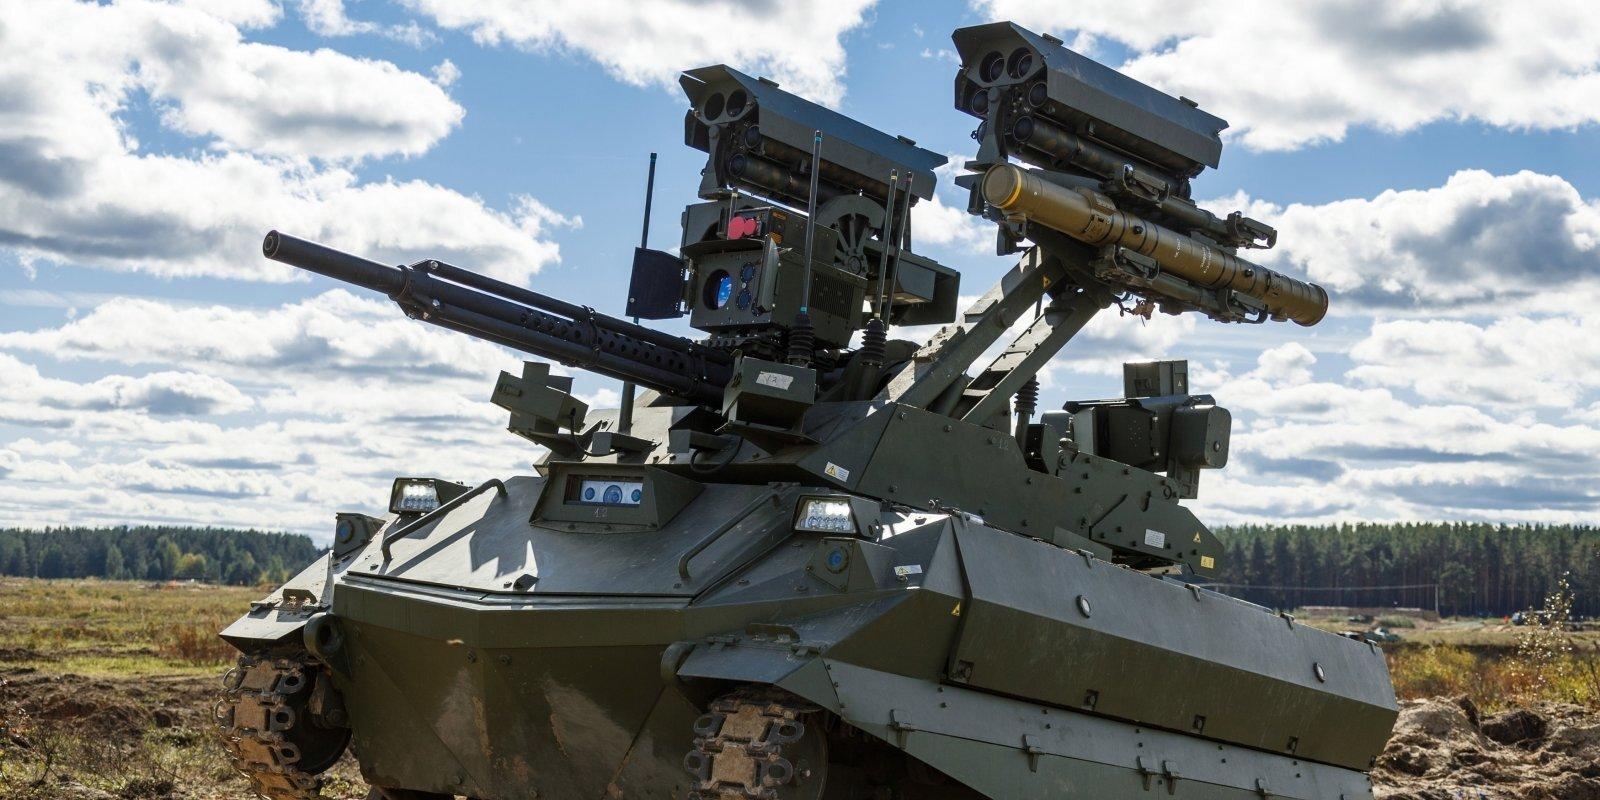 Krievija 'Zapad-2021' demonstrē robotizētas kaujas mašīnas. Kas zināms par 'Uran-9' un 'Nerehta'